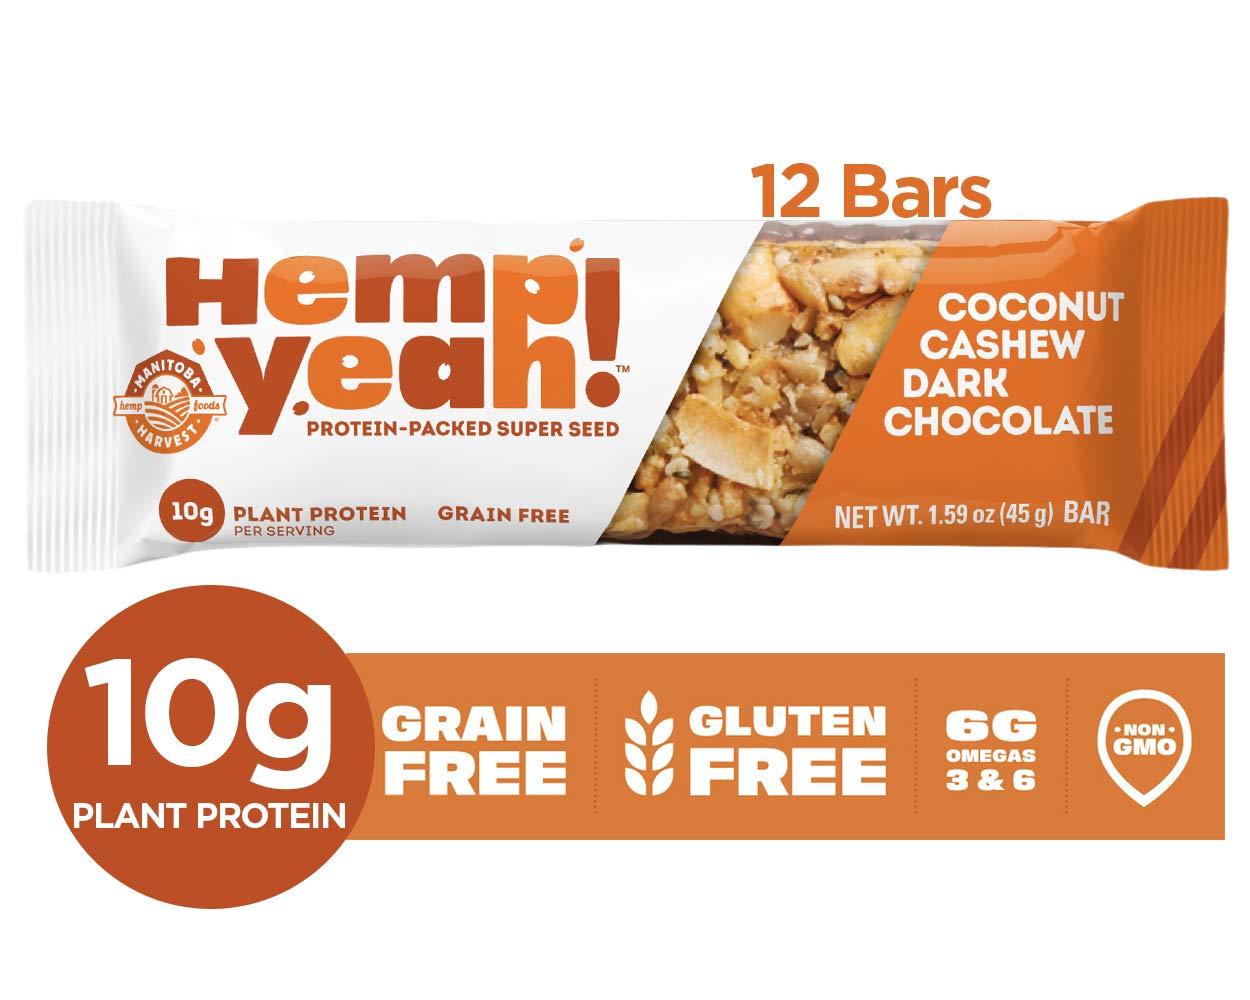 Manitoba Harvest Hemp Yeah! Bars, Coconut Cashew Dark Chocolate (12 Bars), 10g Plant Protein, Grain Free, Gluten Free, 6g Omegas 3&6 by Manitoba Harvest